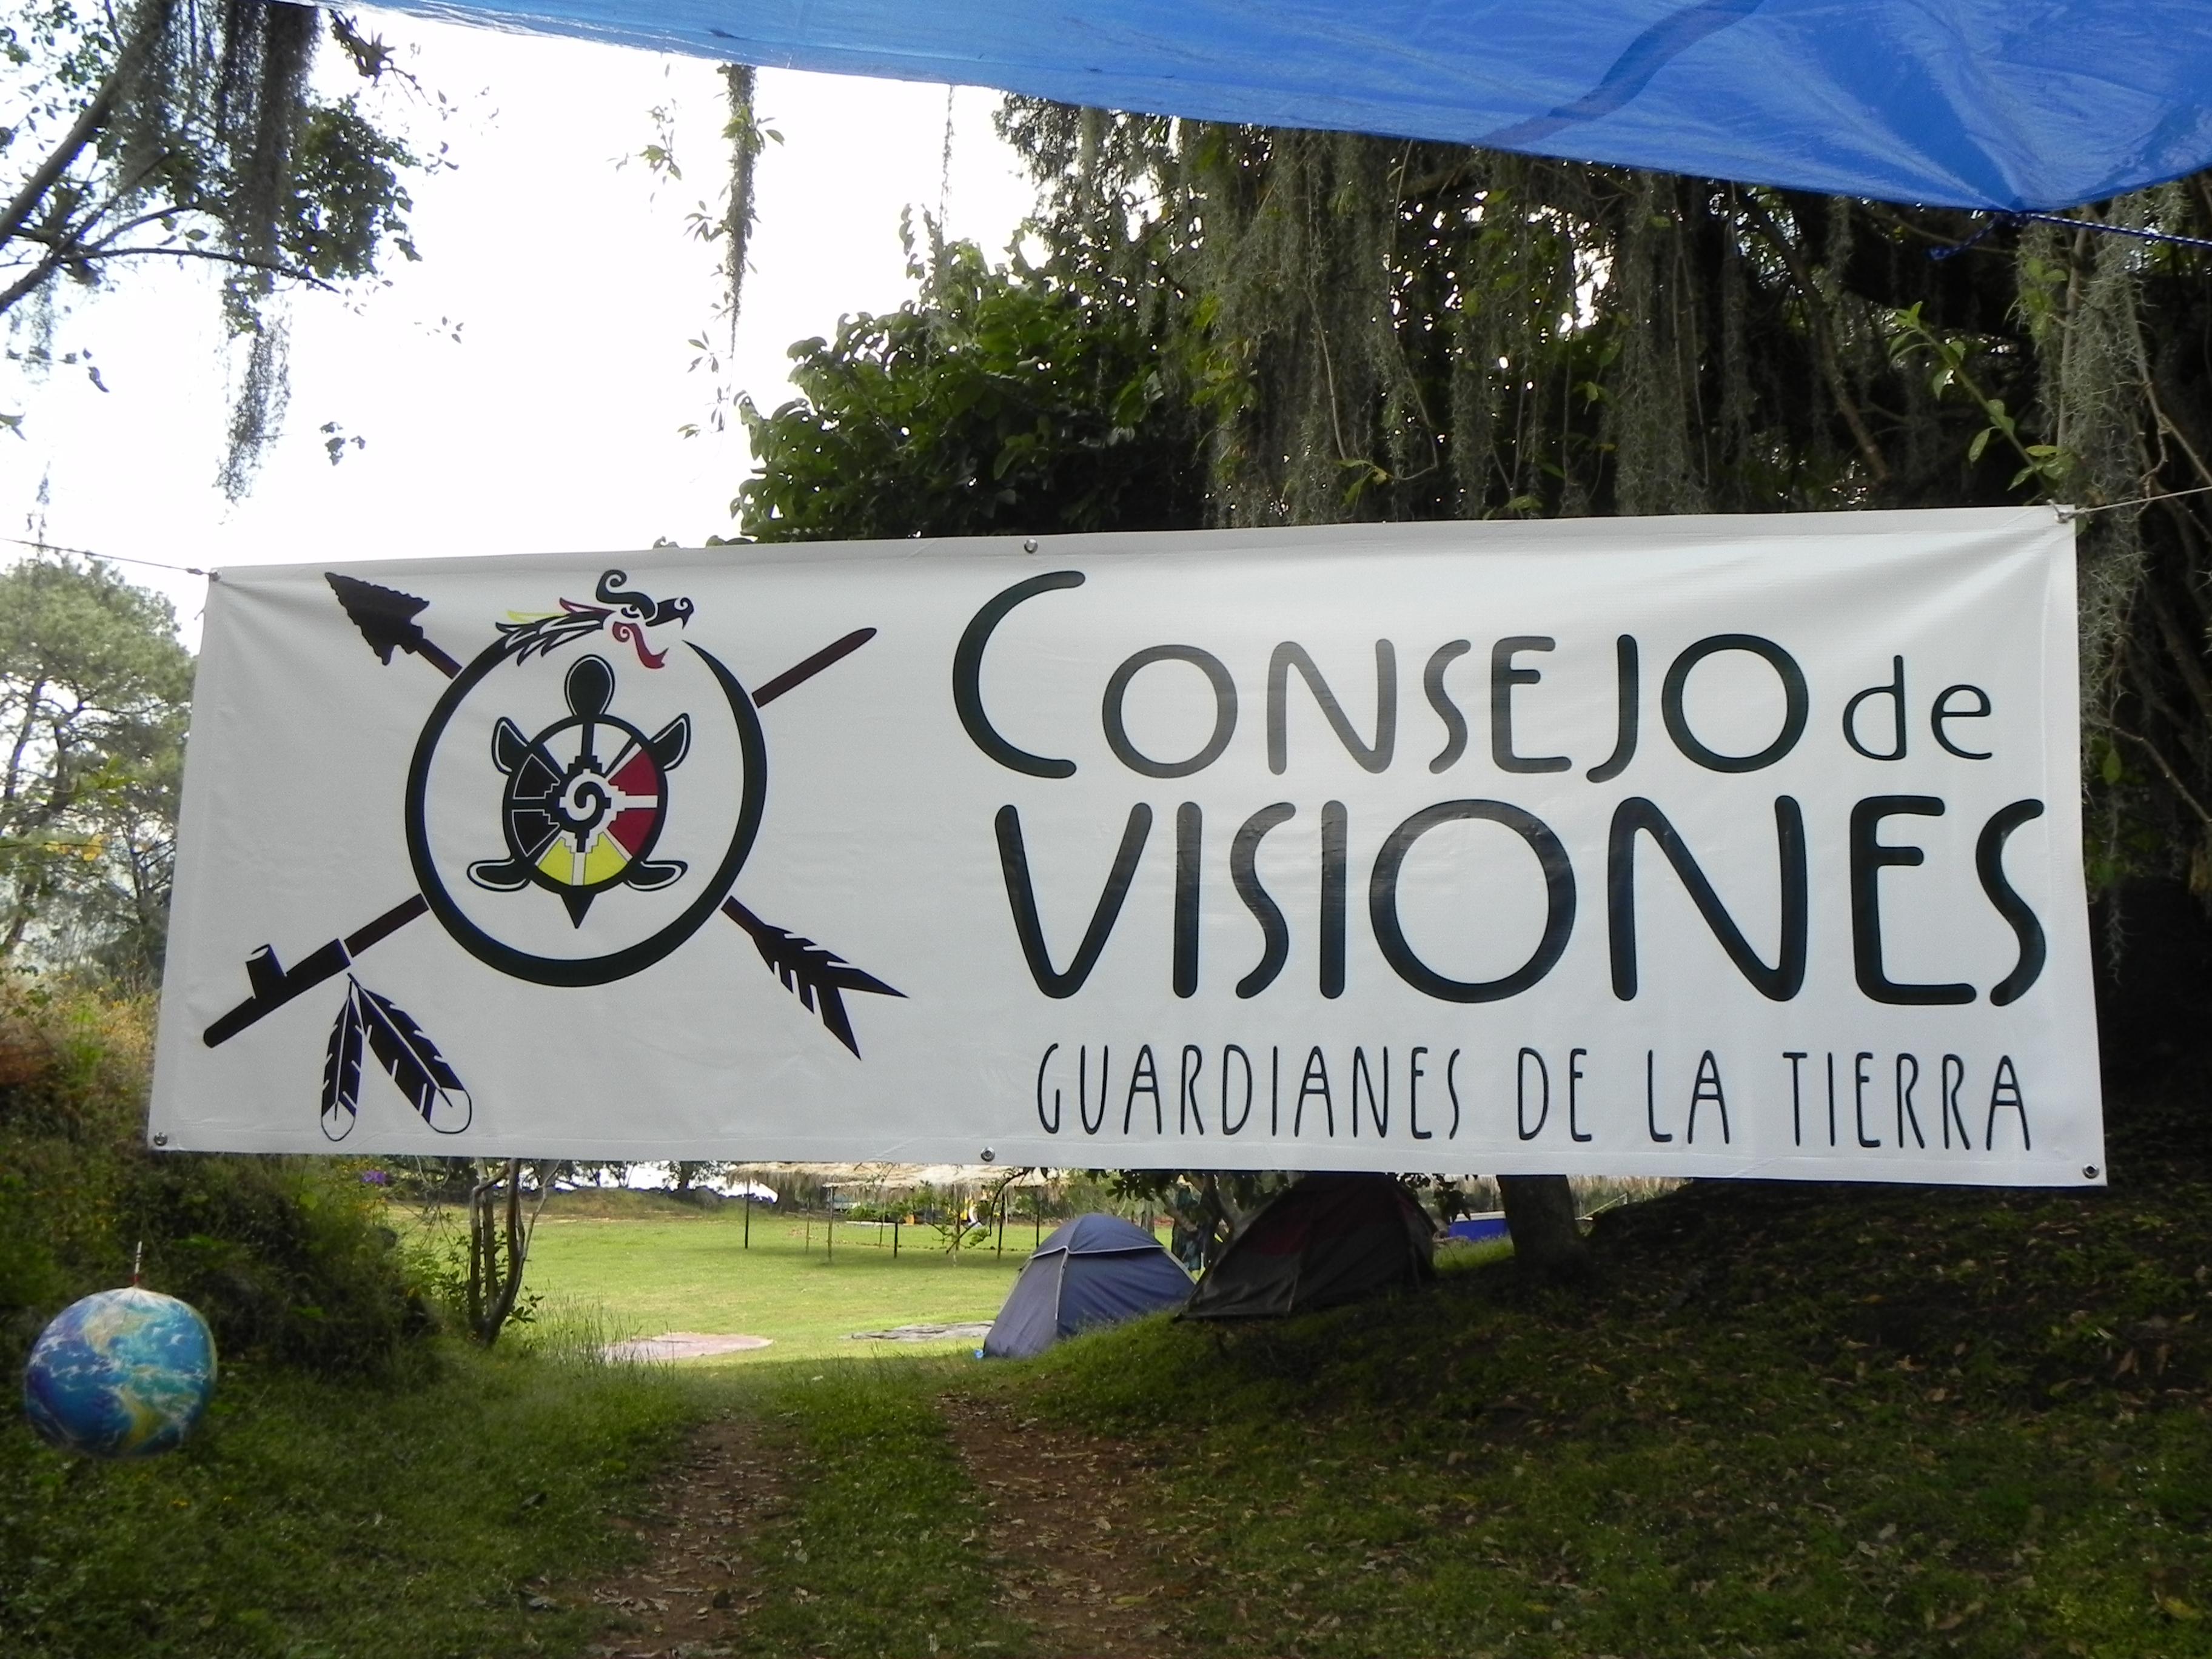 XI Consejo de Visiones-2011 117